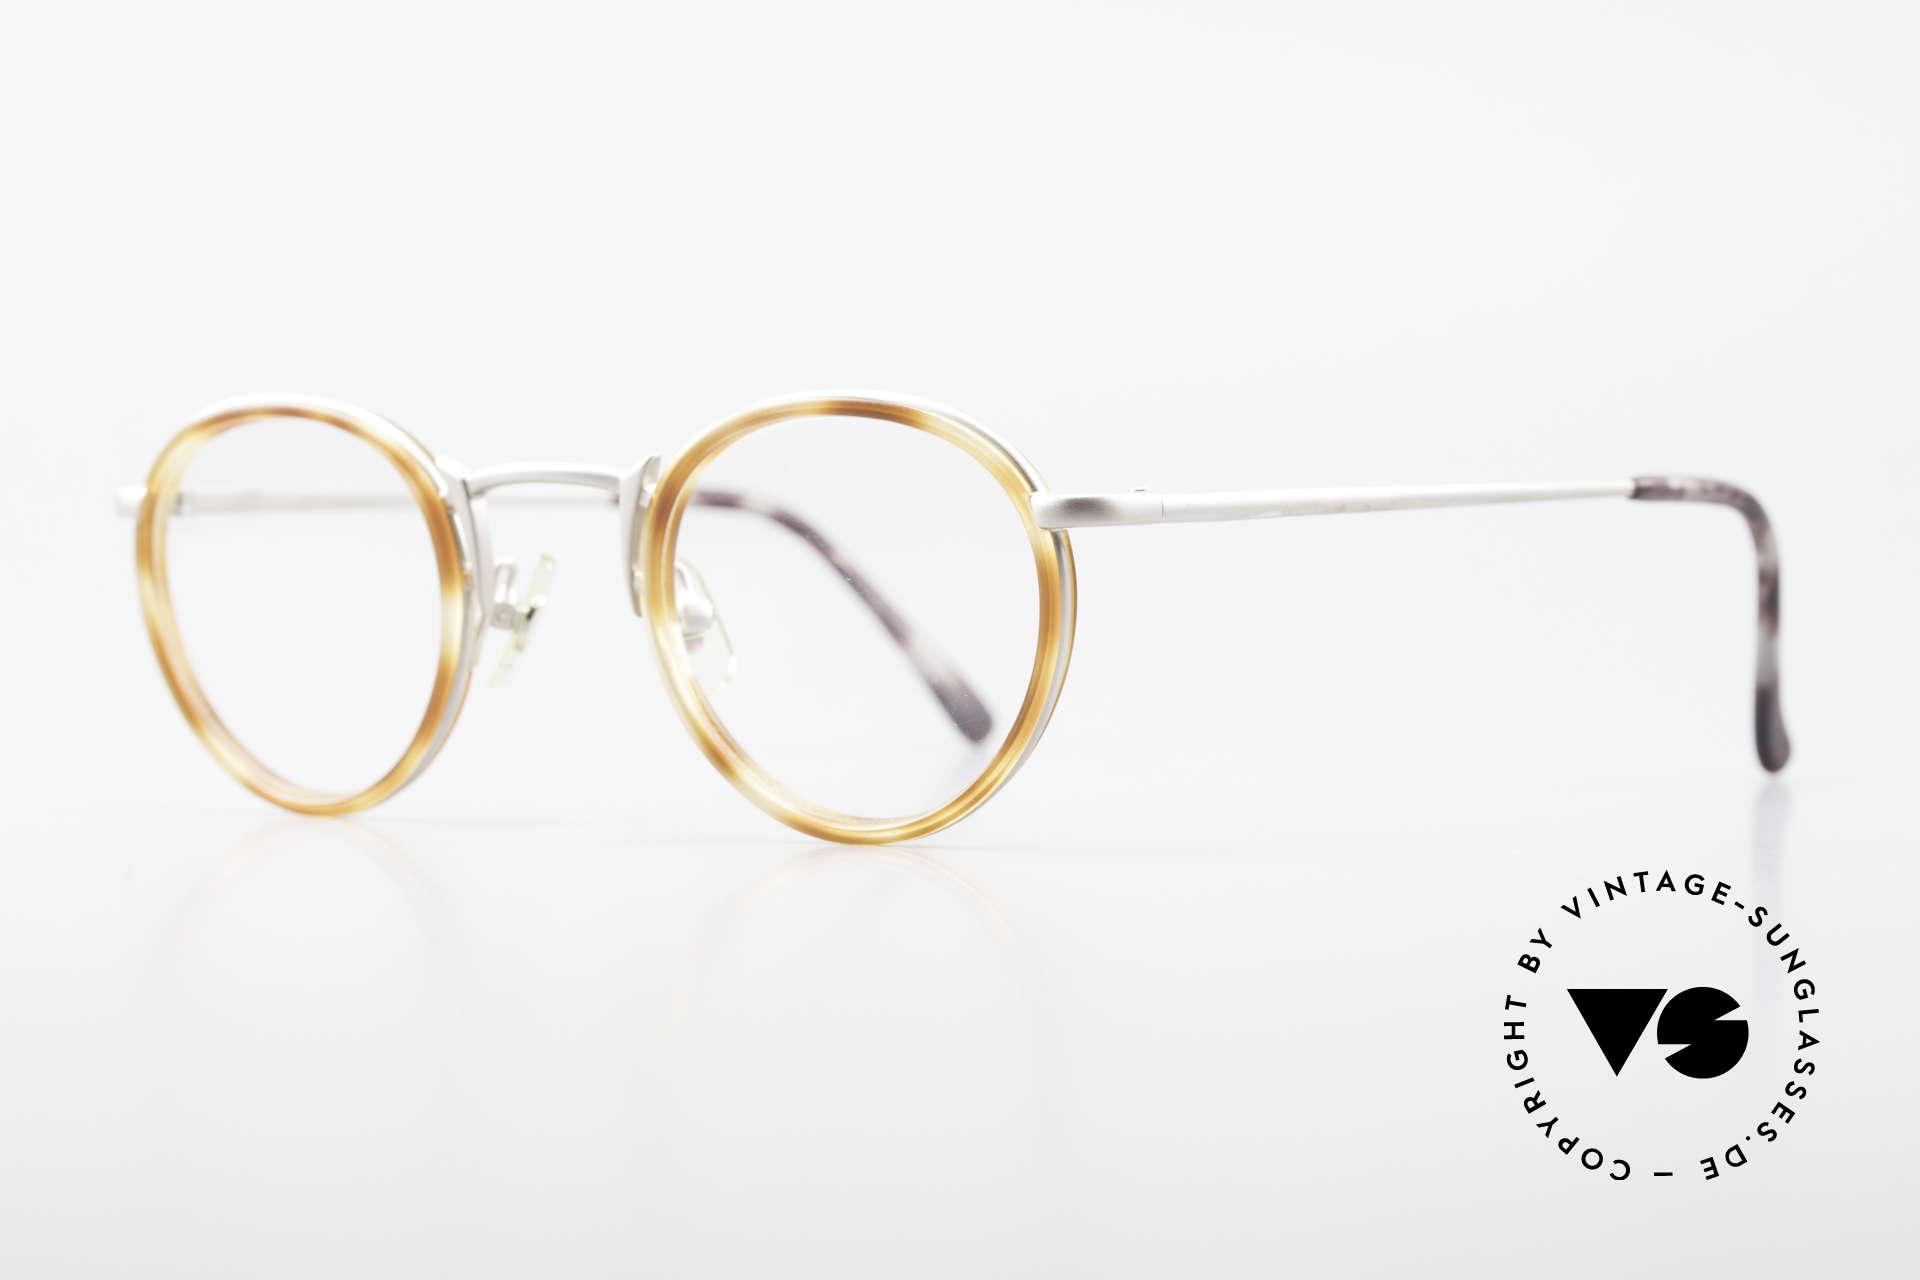 Freudenhaus Bido Runde 90er Designer Brille, zeitlos und raffiniert gleichermaßen (SMALL Größe), Passend für Herren und Damen